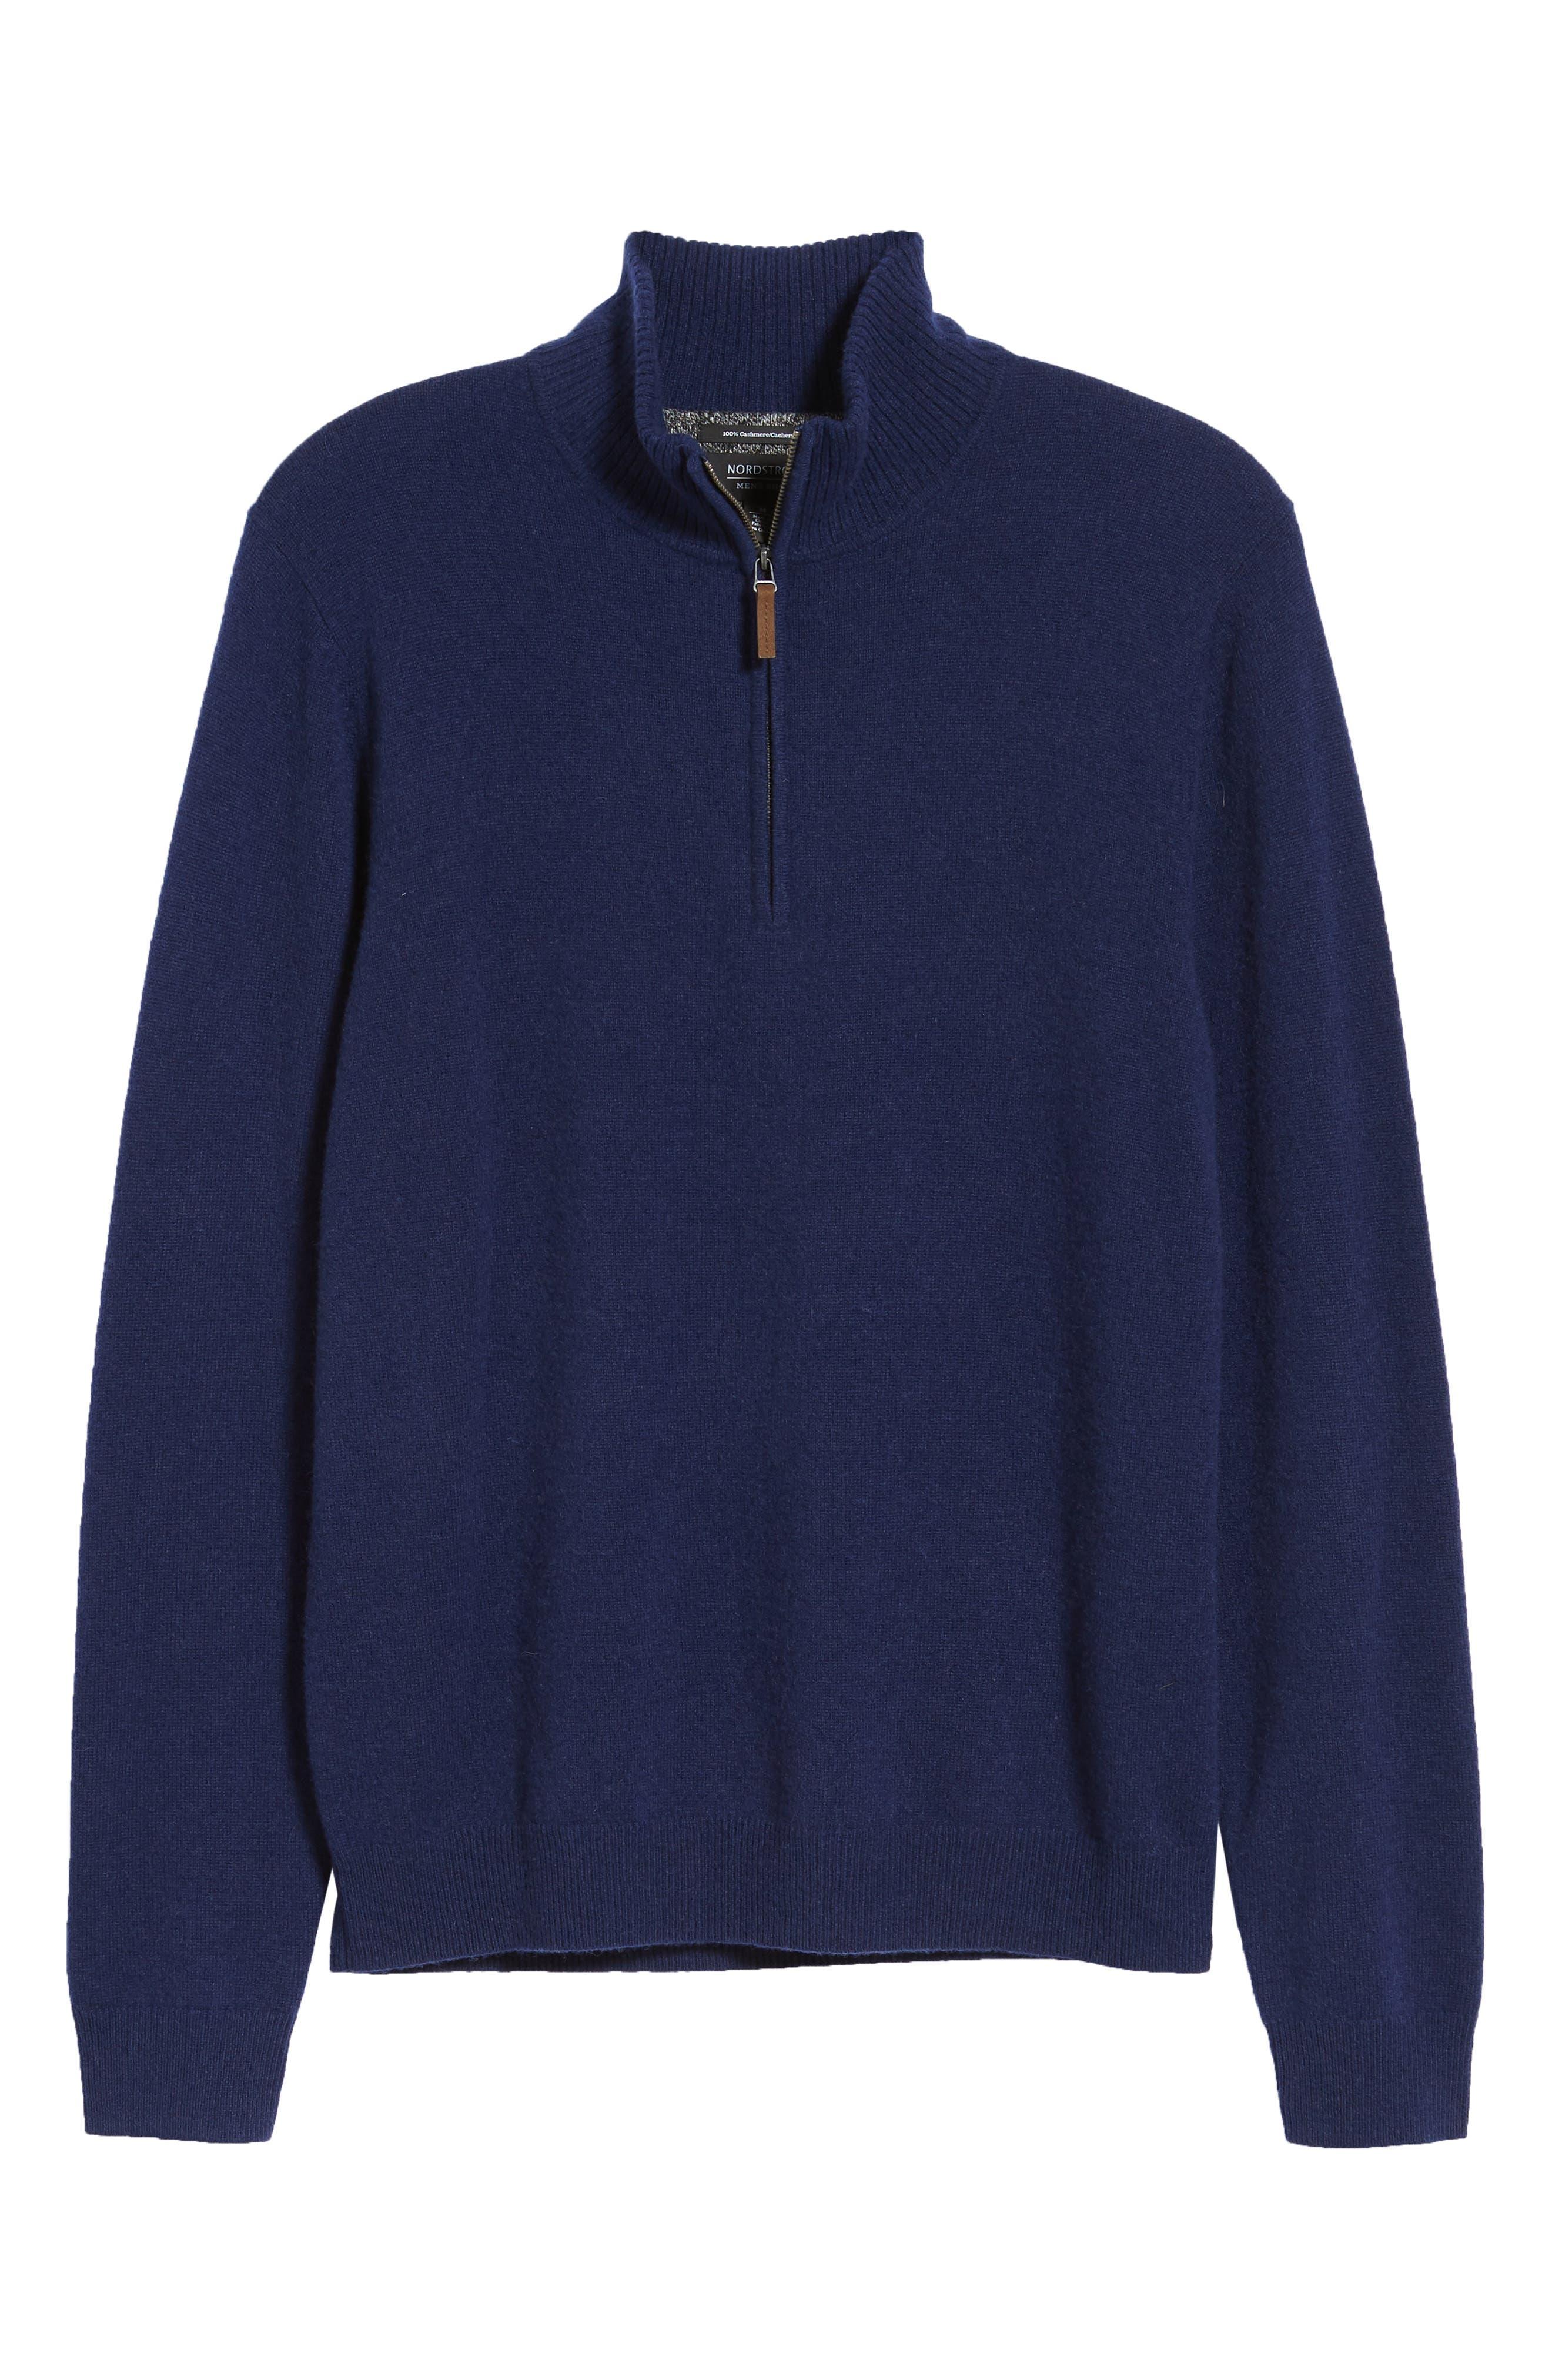 Cashmere Quarter Zip Sweater,                             Alternate thumbnail 6, color,                             410